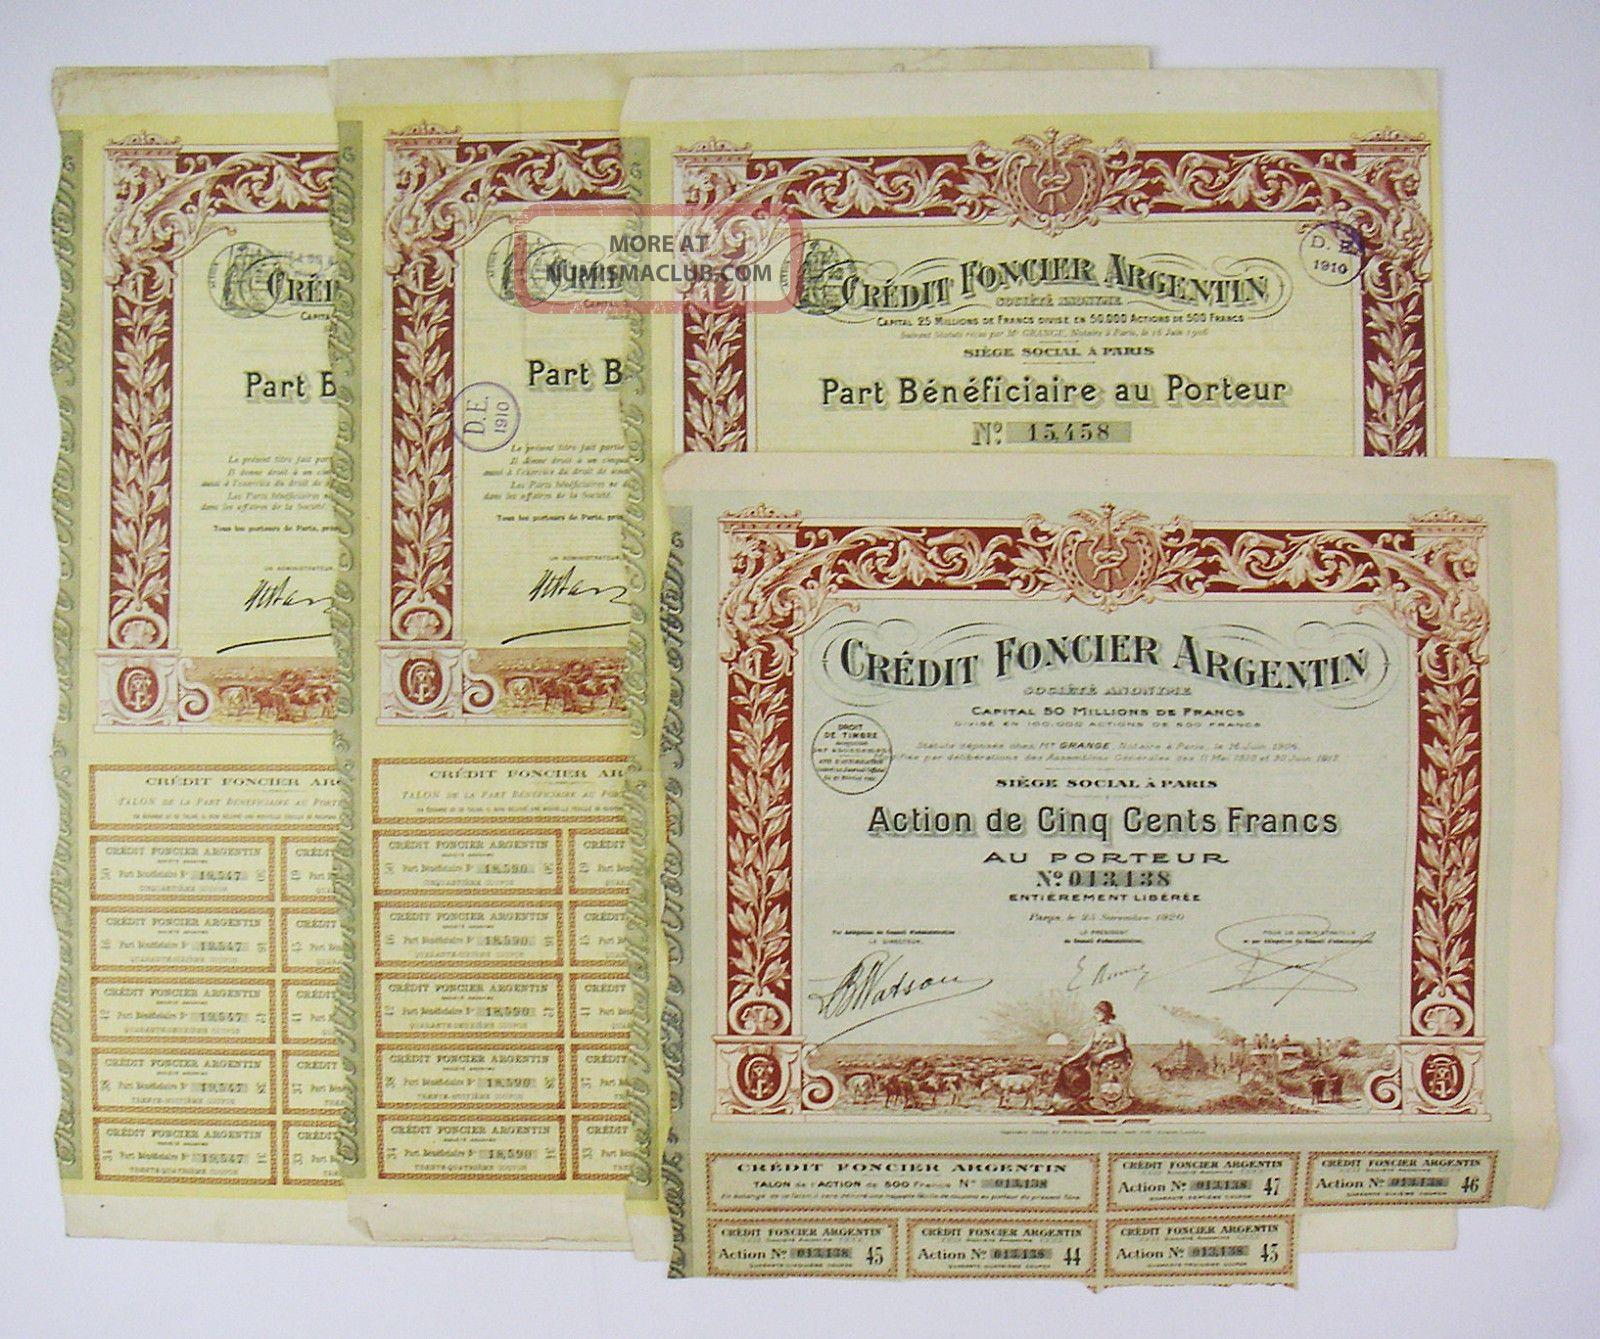 Argentina 1906 – Crédit Foncier Argentin - Part Bénéficiaire & Action (x4) Stocks & Bonds, Scripophily photo